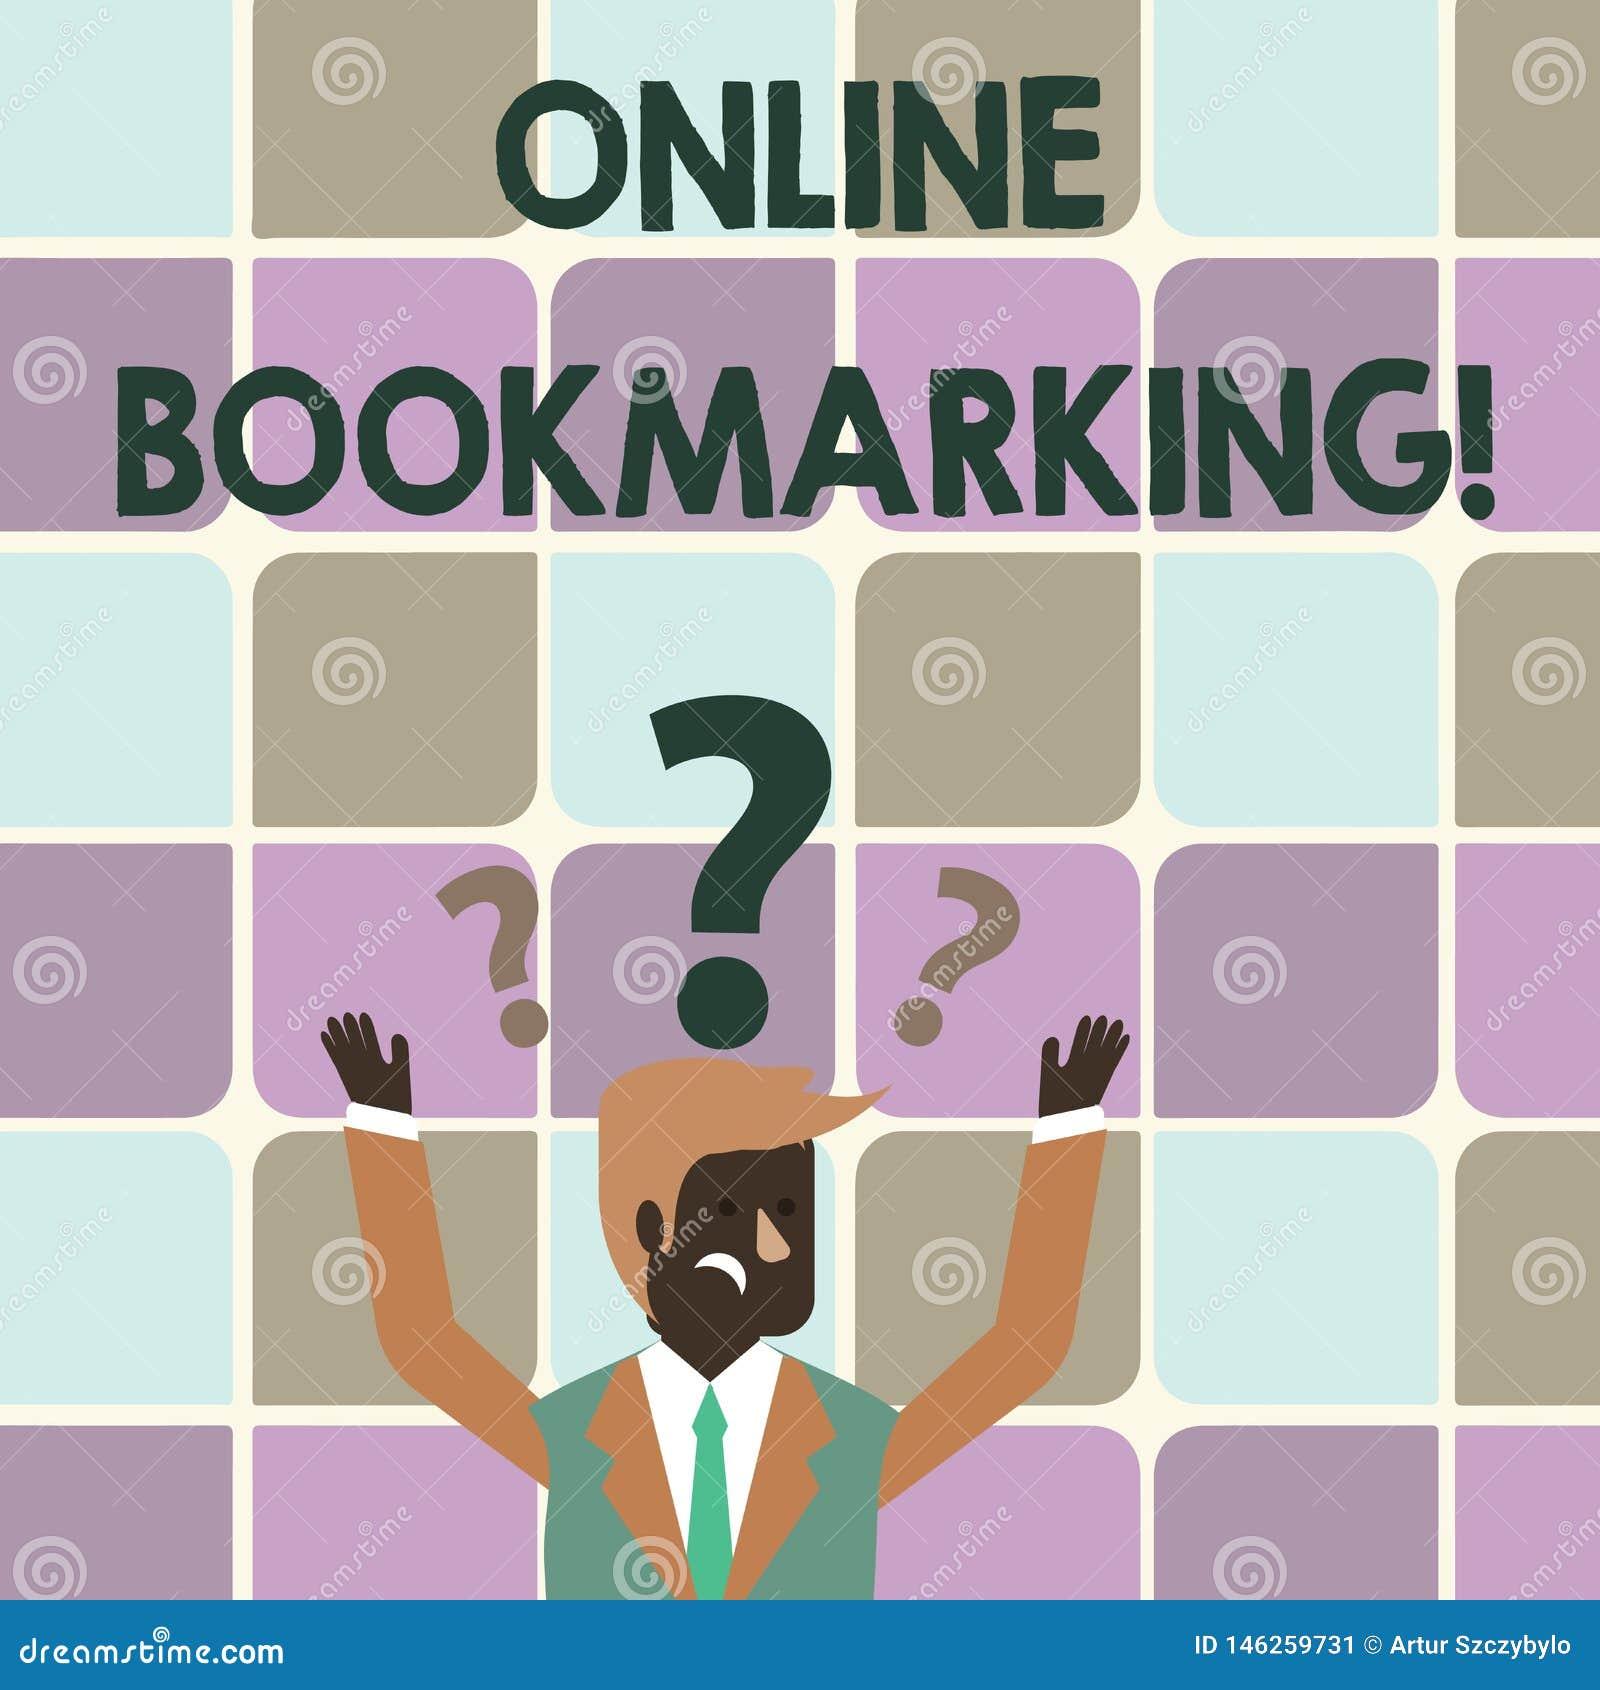 Schreiben der Anmerkung, die das on-line-bookmarken zeigt Geschäftsfotopräsentation verwendet, um eine URL-Adresse als zukünftige